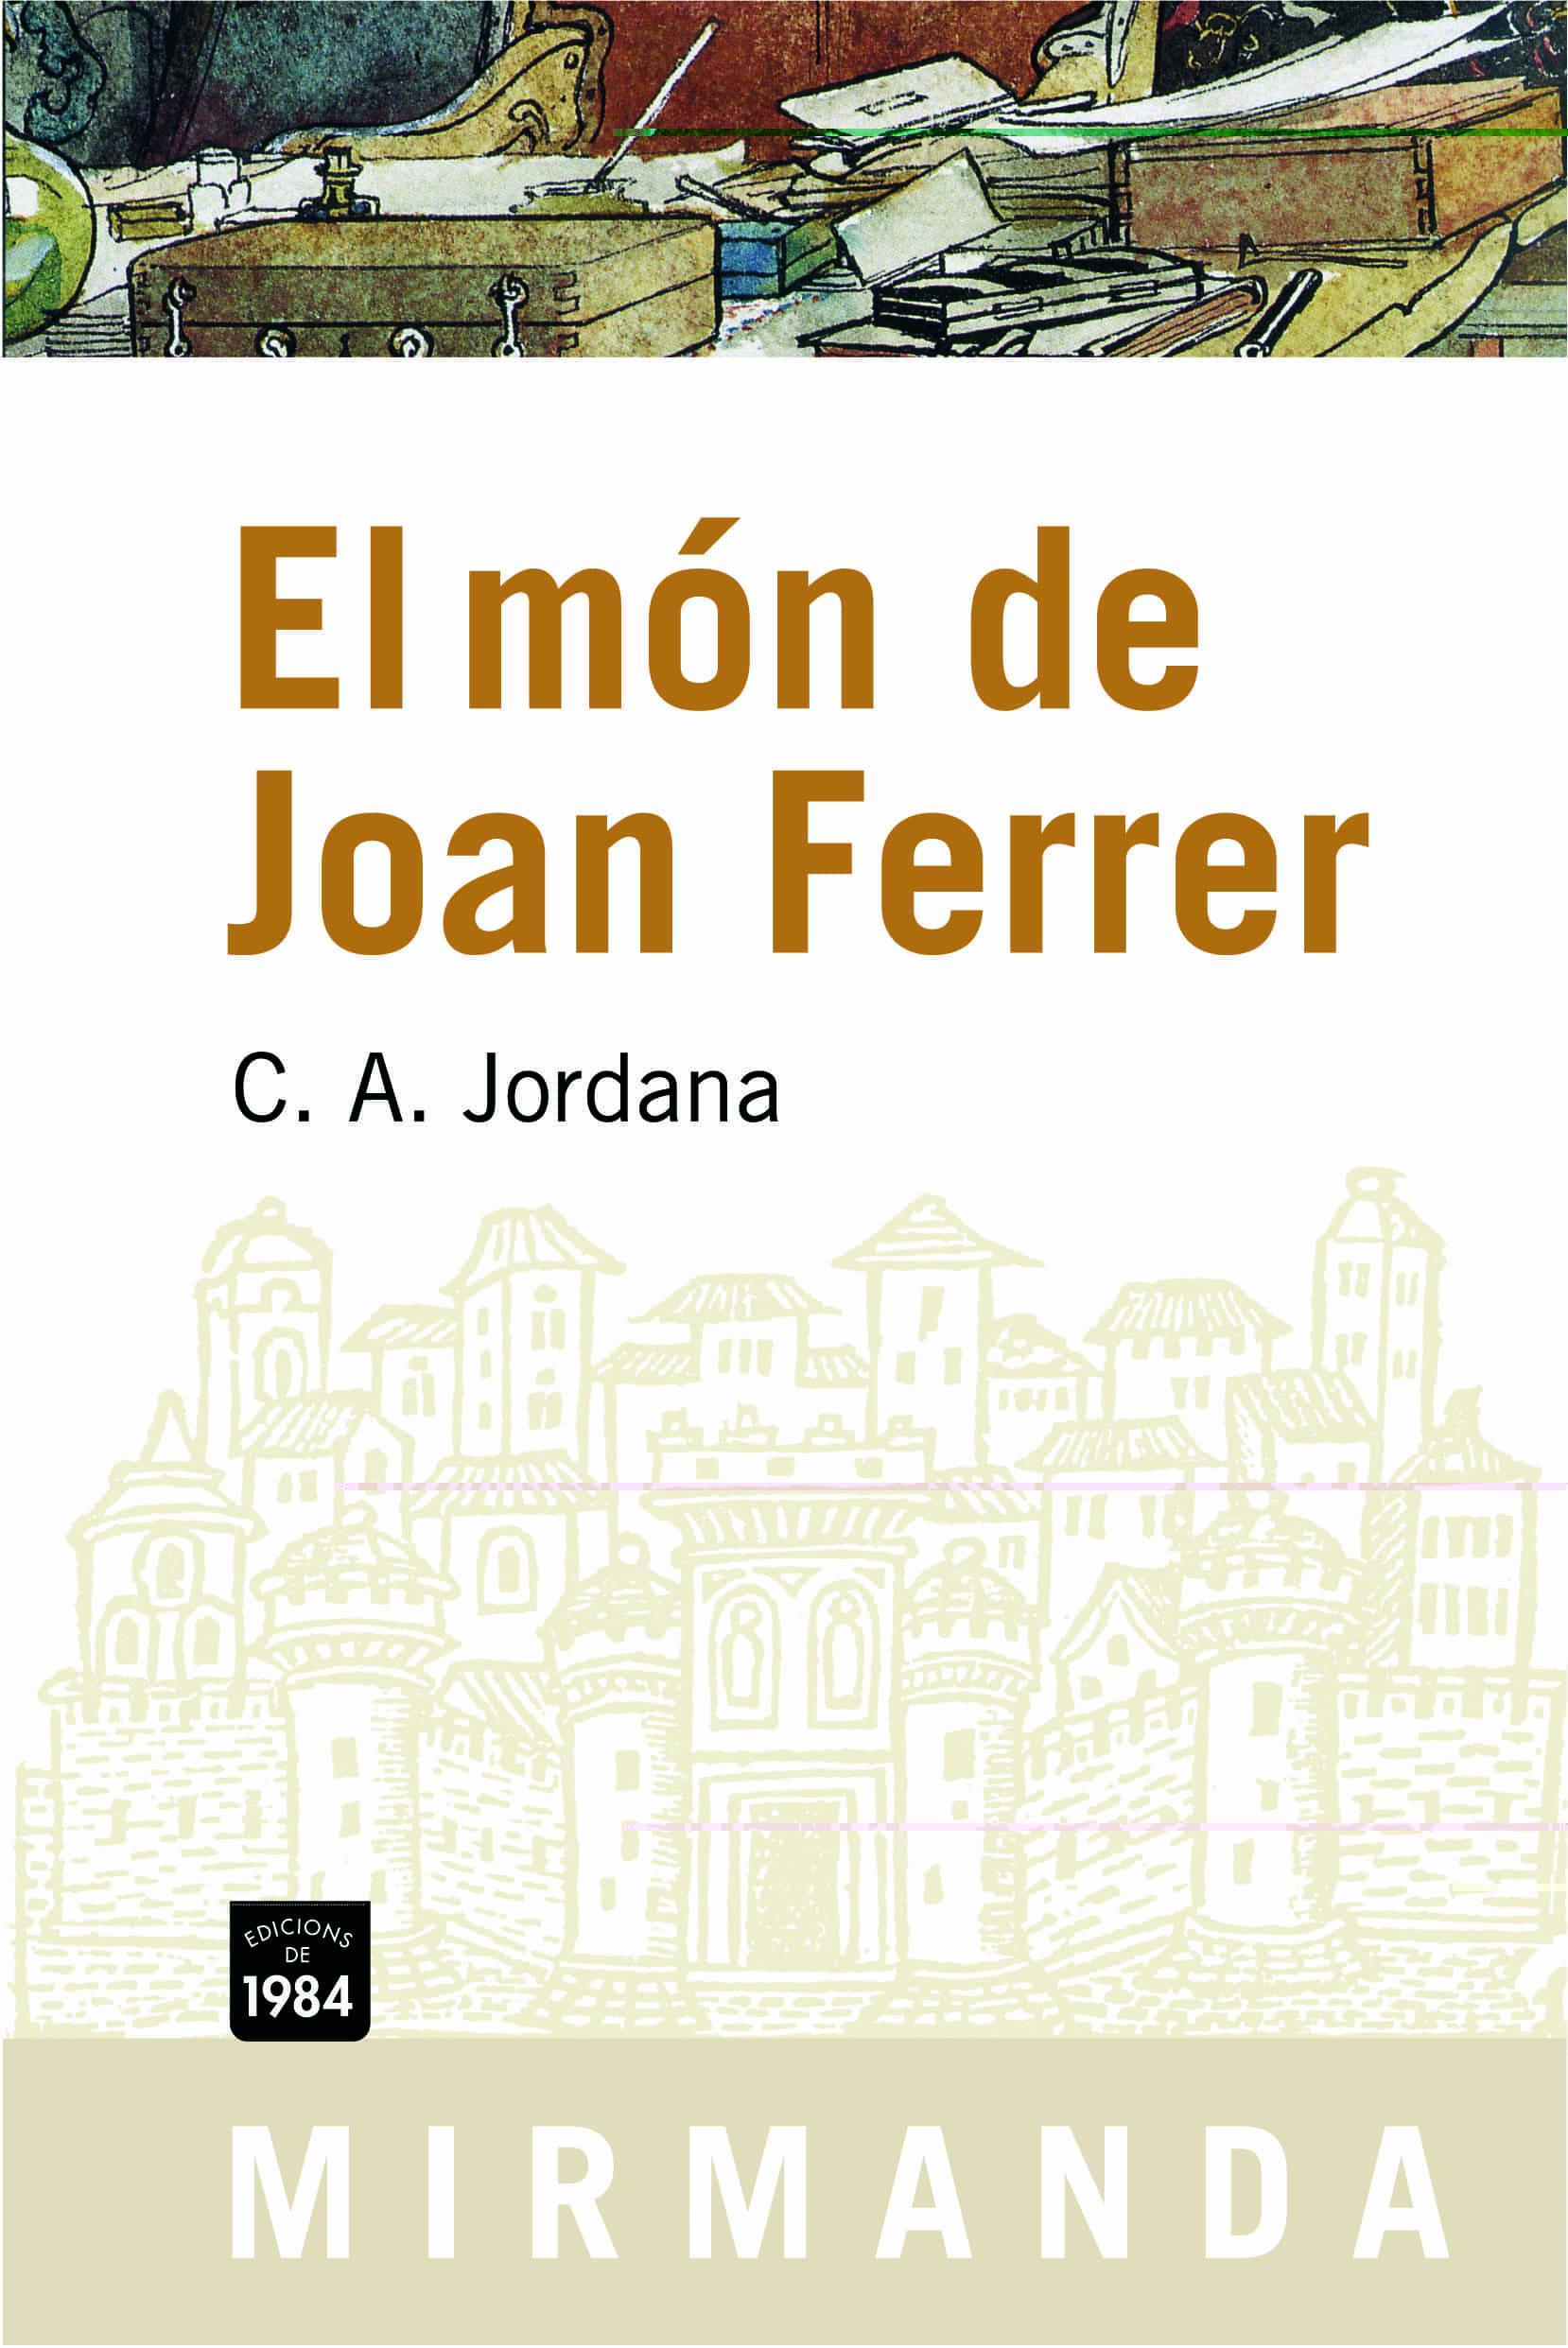 El Mon De Joan Ferrer por C.a. Jordana epub